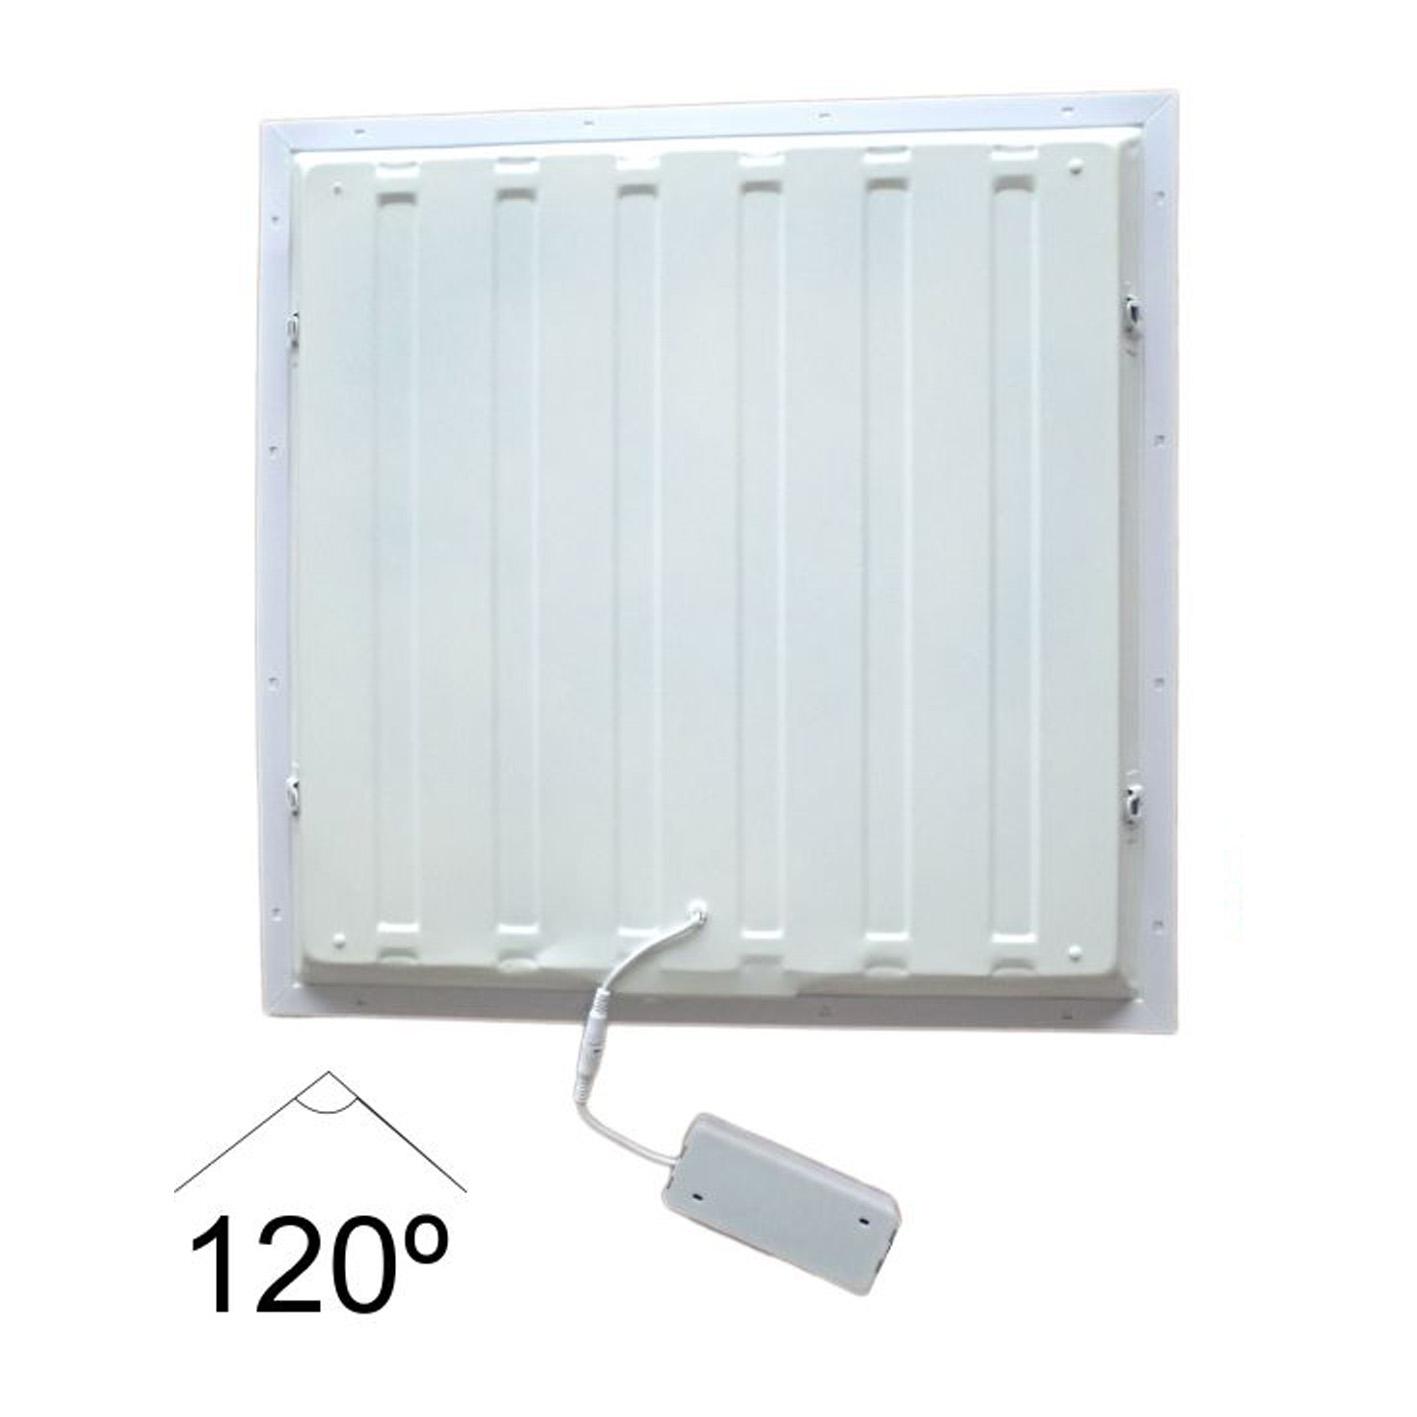 PANEL LED 595mm x 595mm